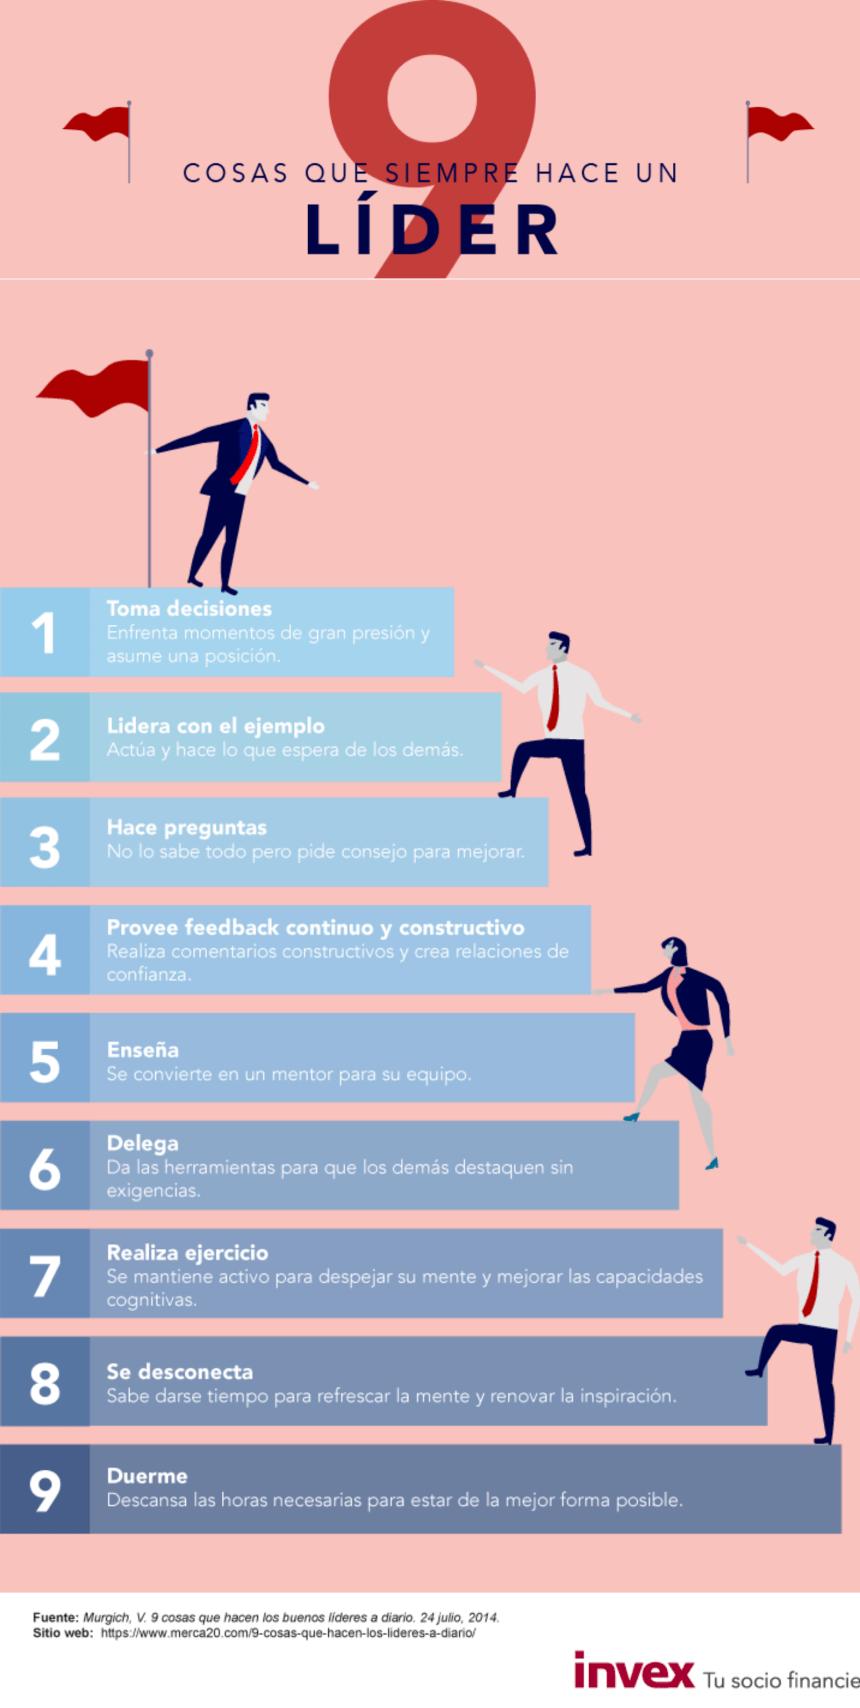 9 cosas que siempre hace un líder #infografia #infographic #leadership